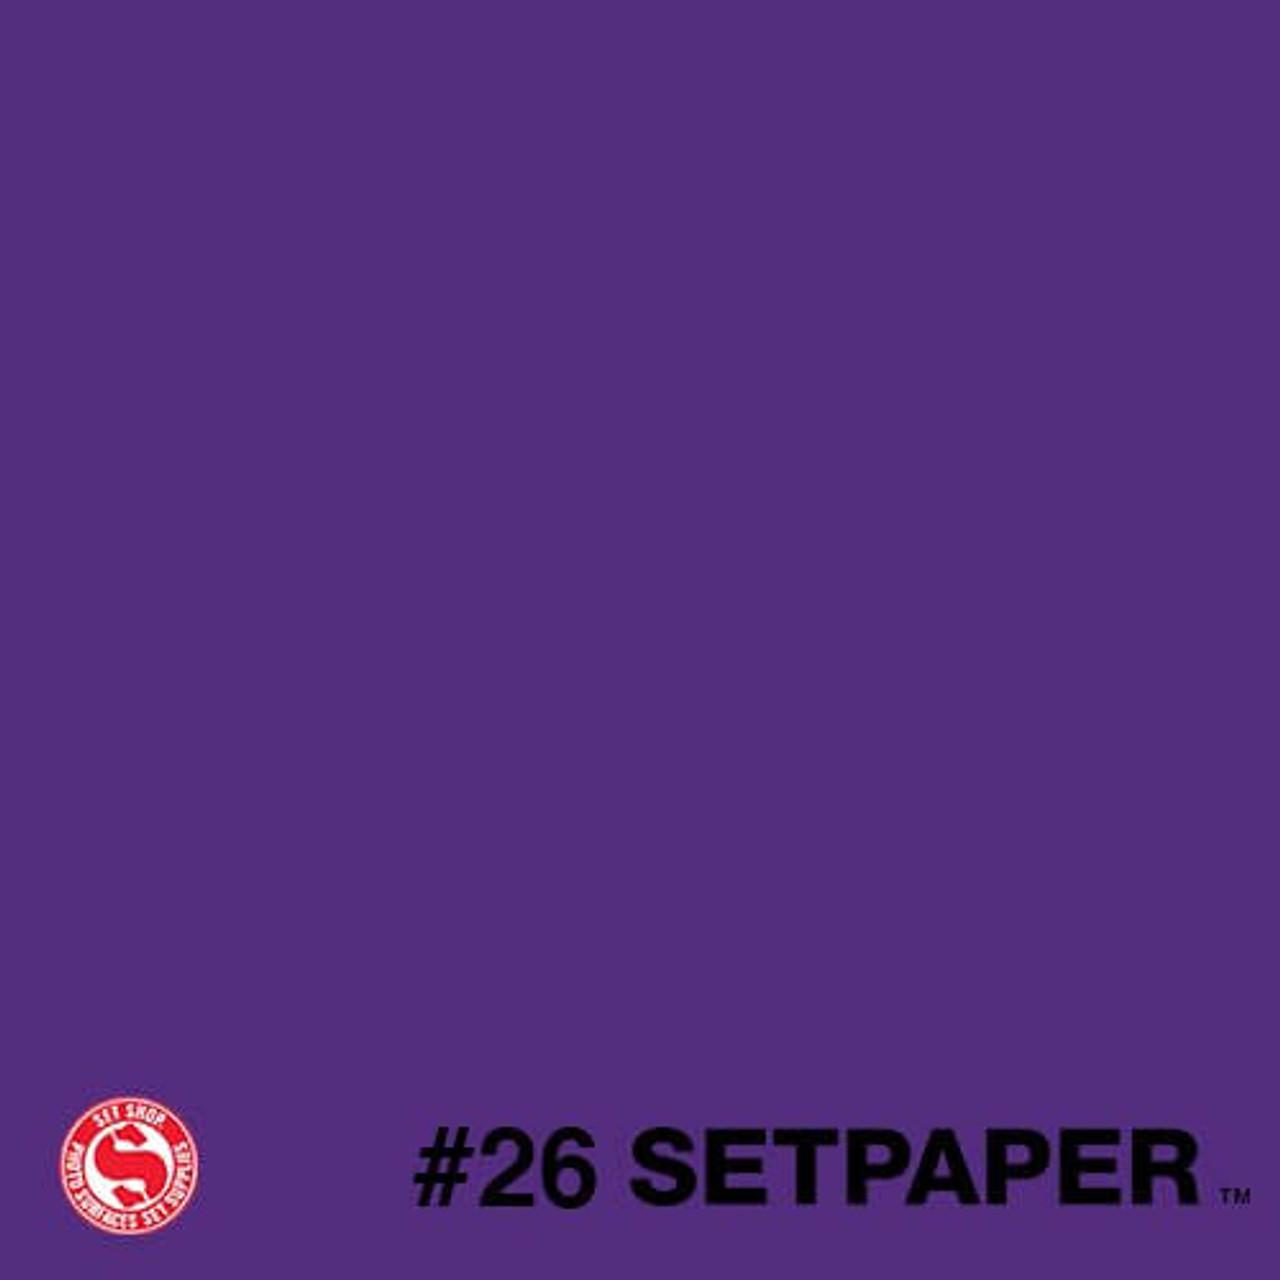 """226 SETPAPER - DEEP PURPLE 26"""" x 36' (0.66m  X 11m)"""